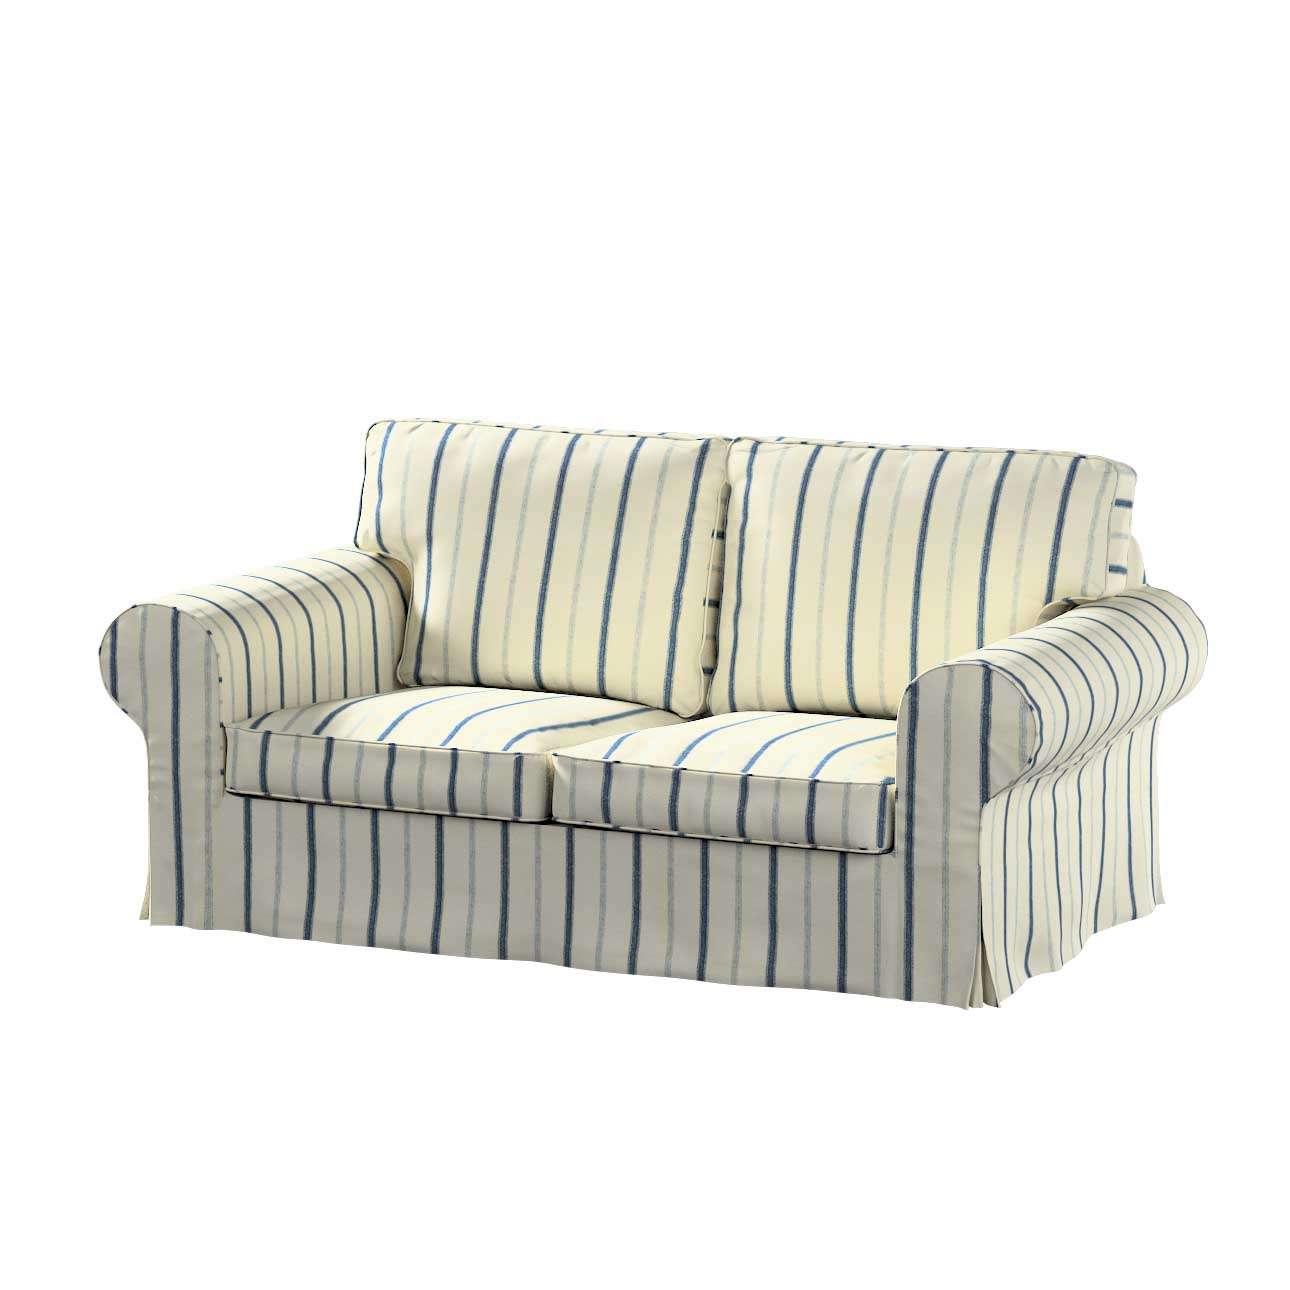 Pokrowiec na sofę Ektorp 2-osobową, rozkładaną, model do 2012 w kolekcji Avinon, tkanina: 129-66